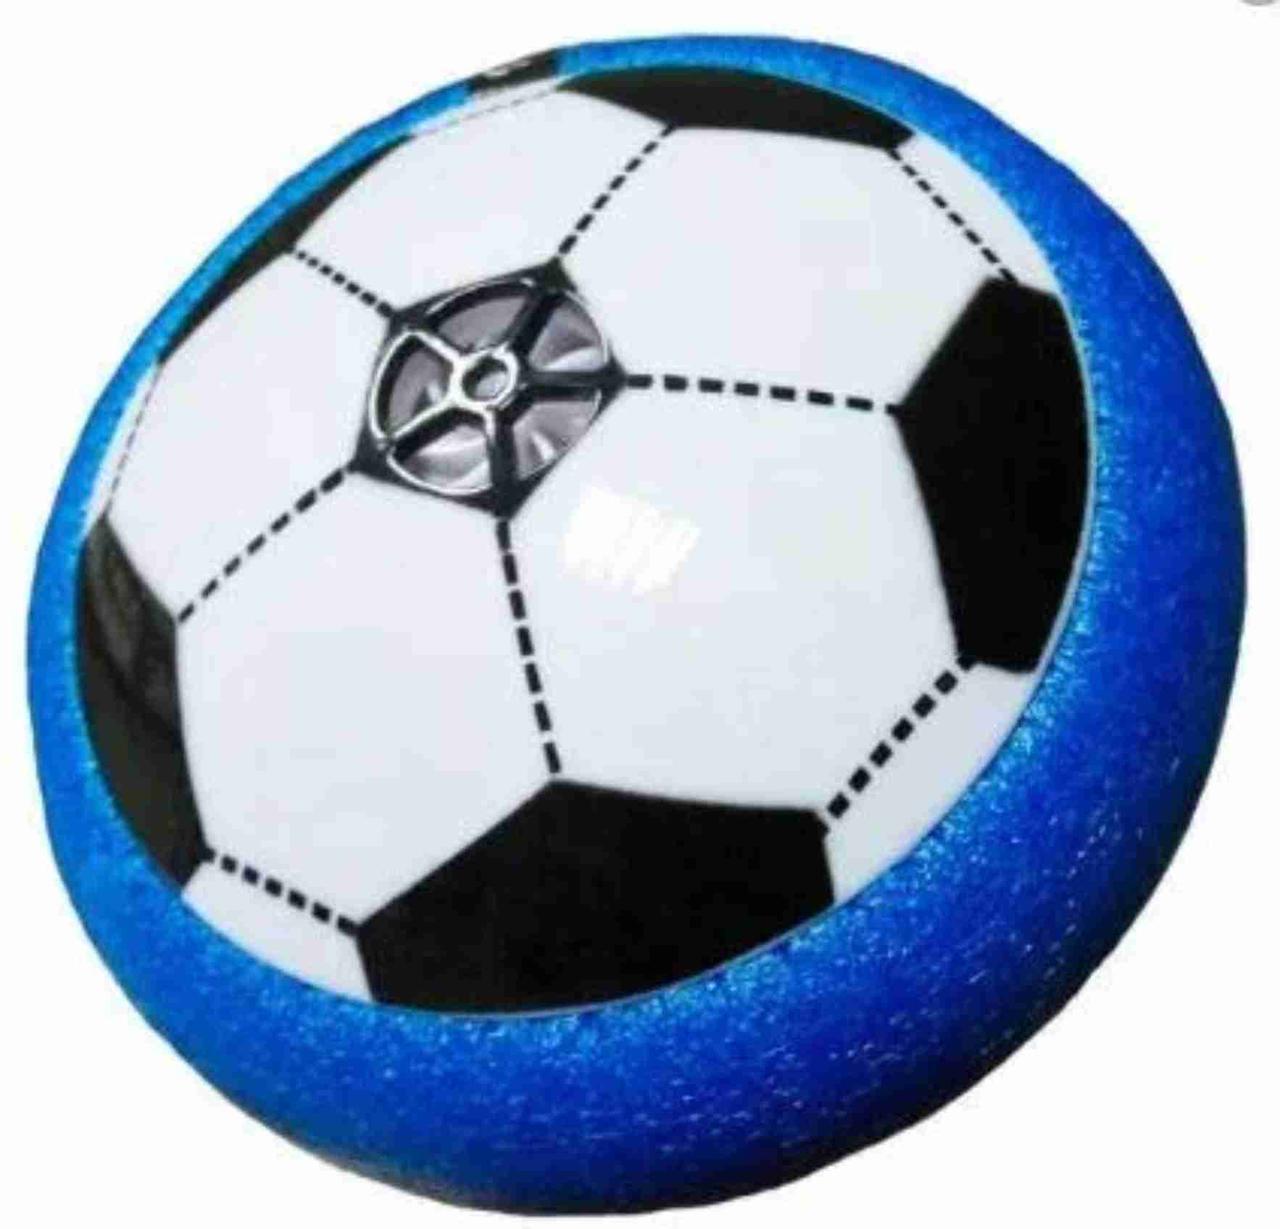 Детский футбольный Аэро мяч для дома Hover Ball / Аэро мяч HOVER BALL (Ховербол) Светящийся